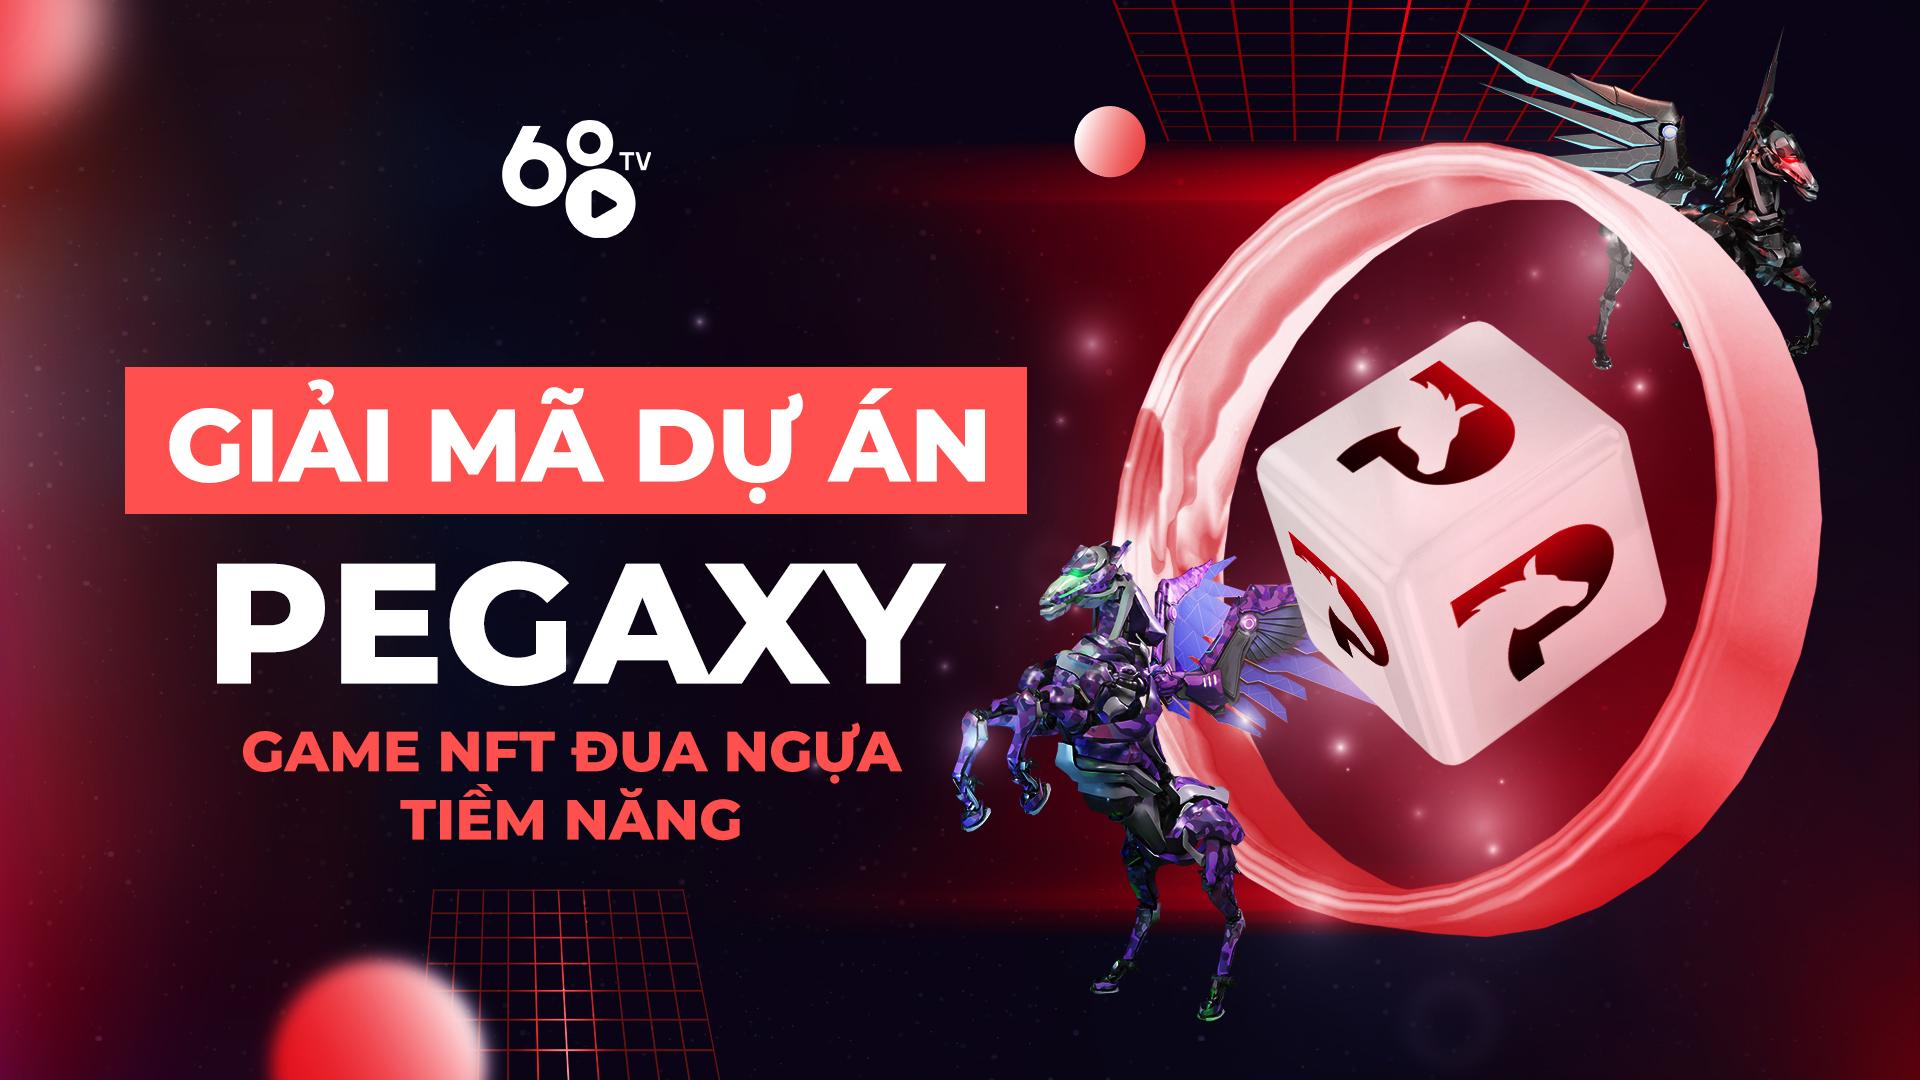 Giải mã dự án: Review Pegaxy – Dự án Game NFT đua ngựa tiềm năng trên hệ sinh thái Polygon